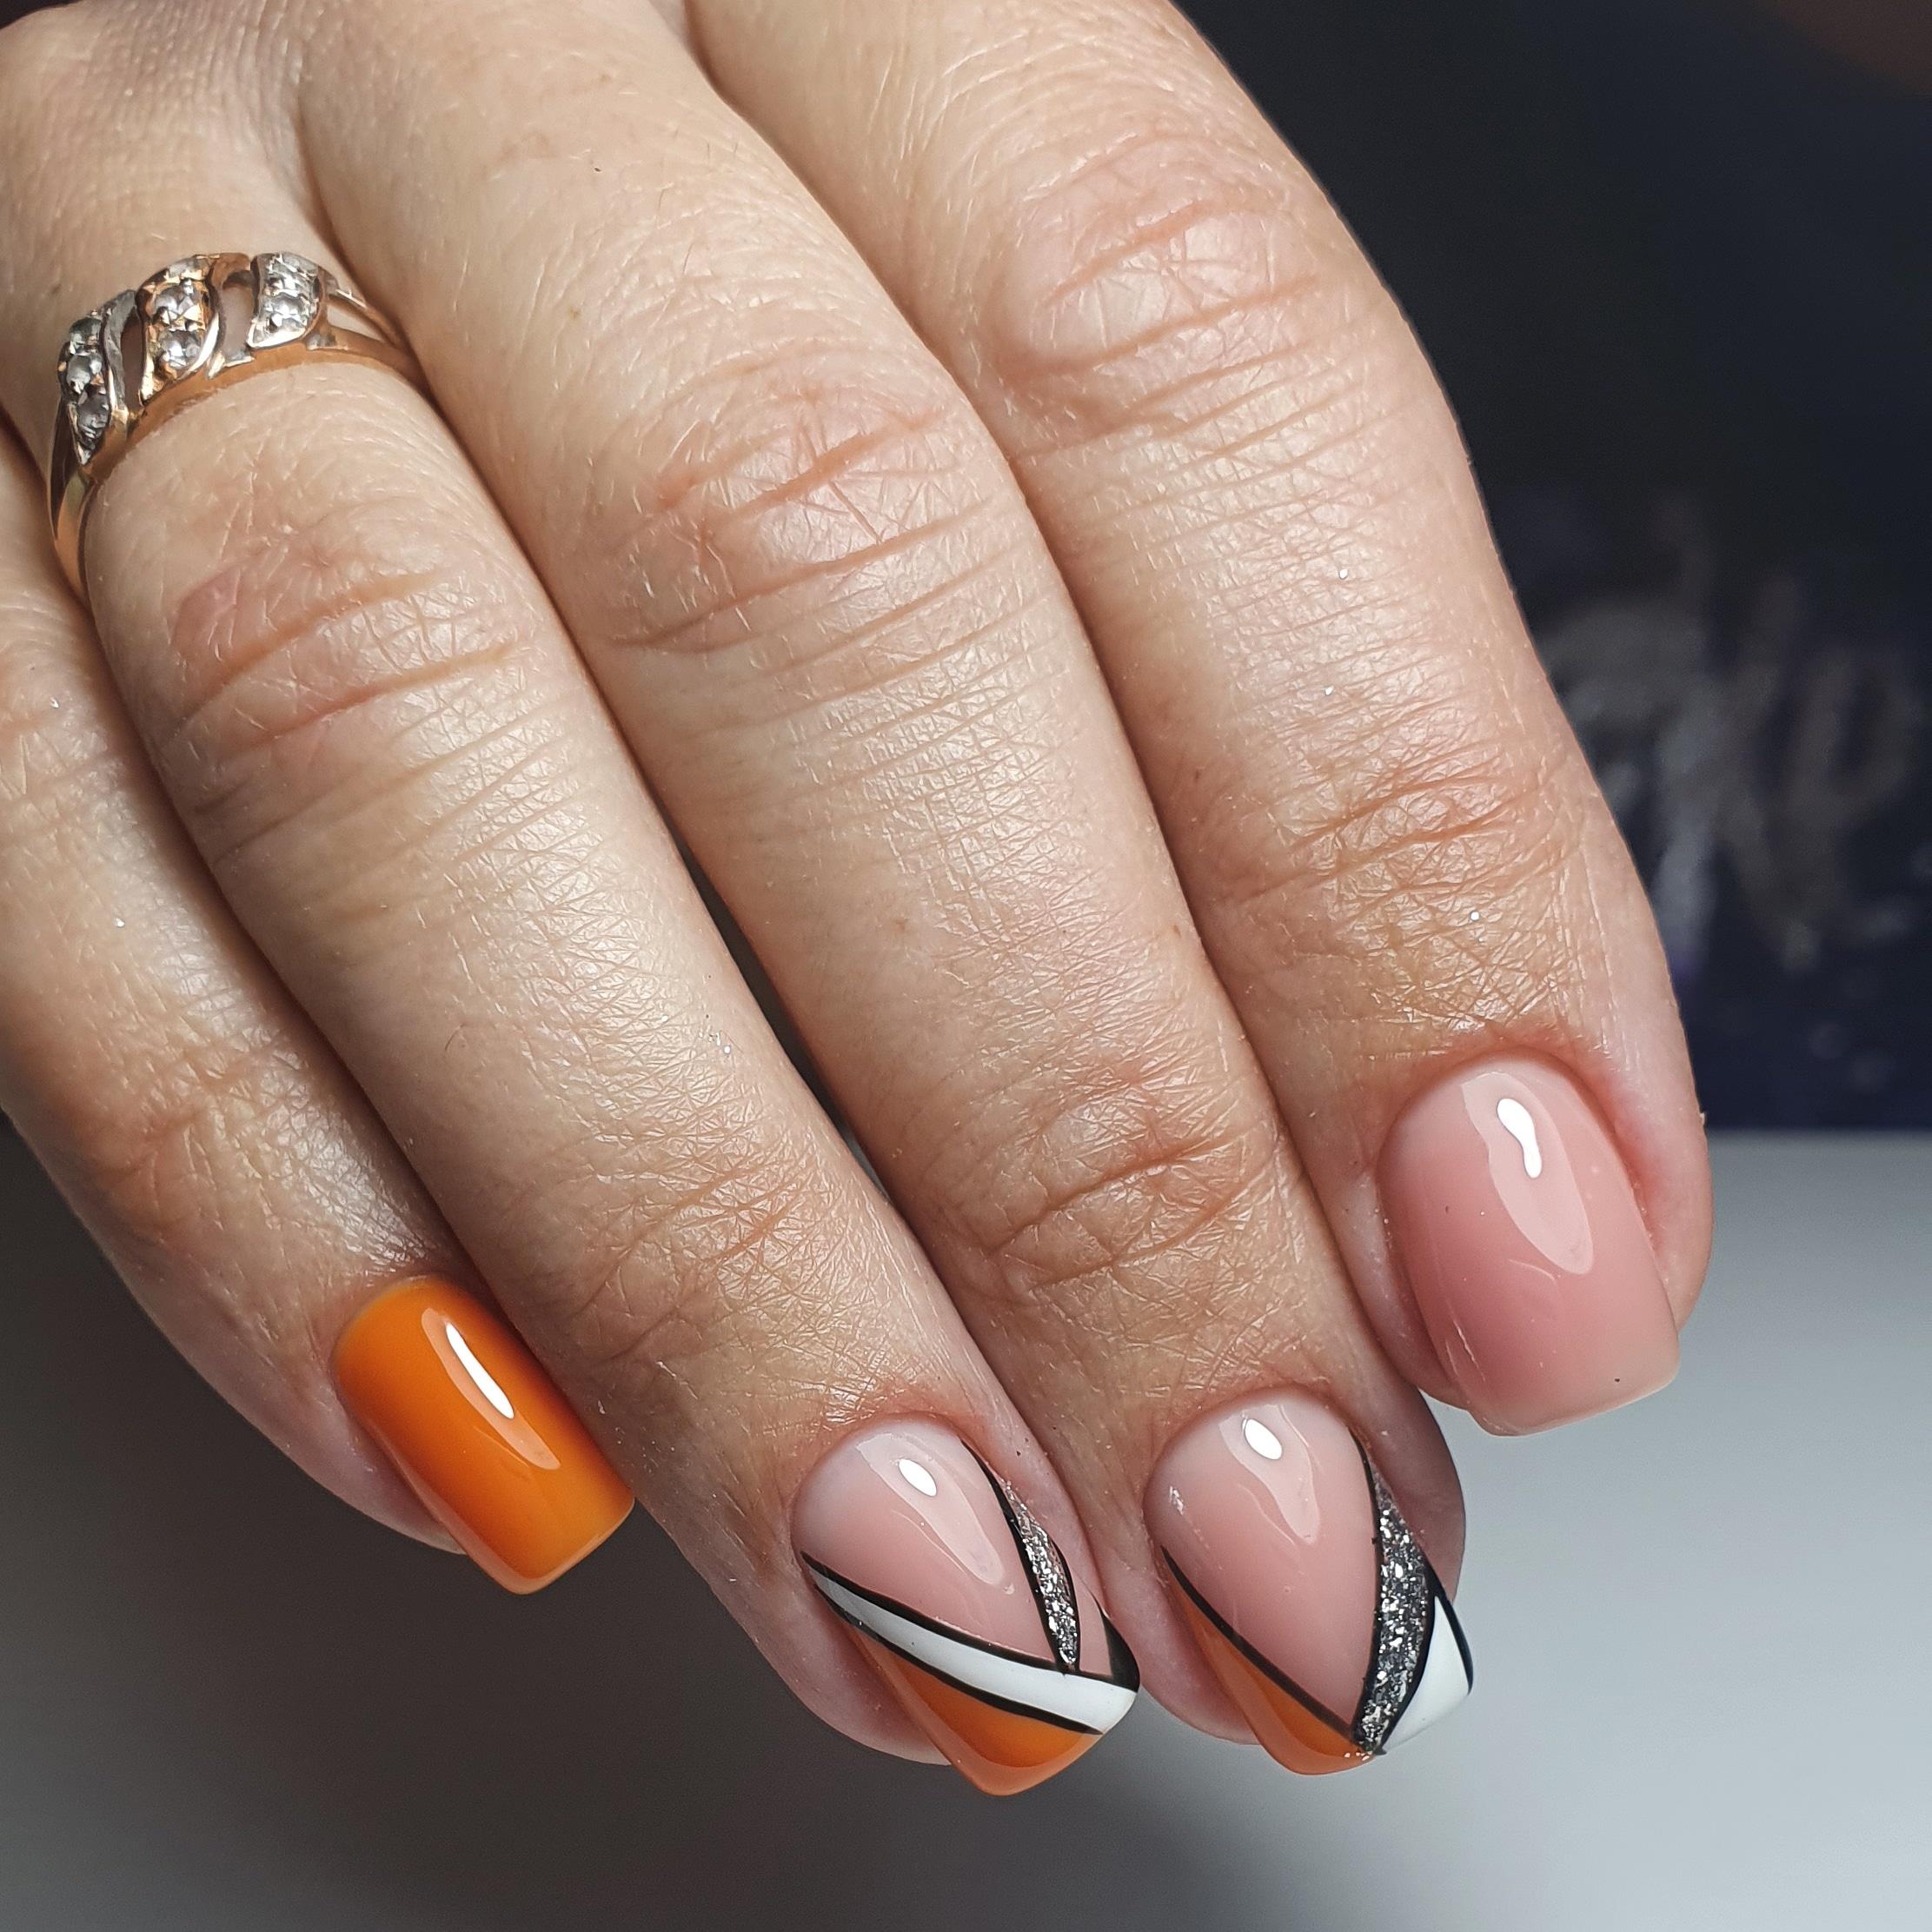 Геометрический маникюр с серебряными блестками на короткие ногти.